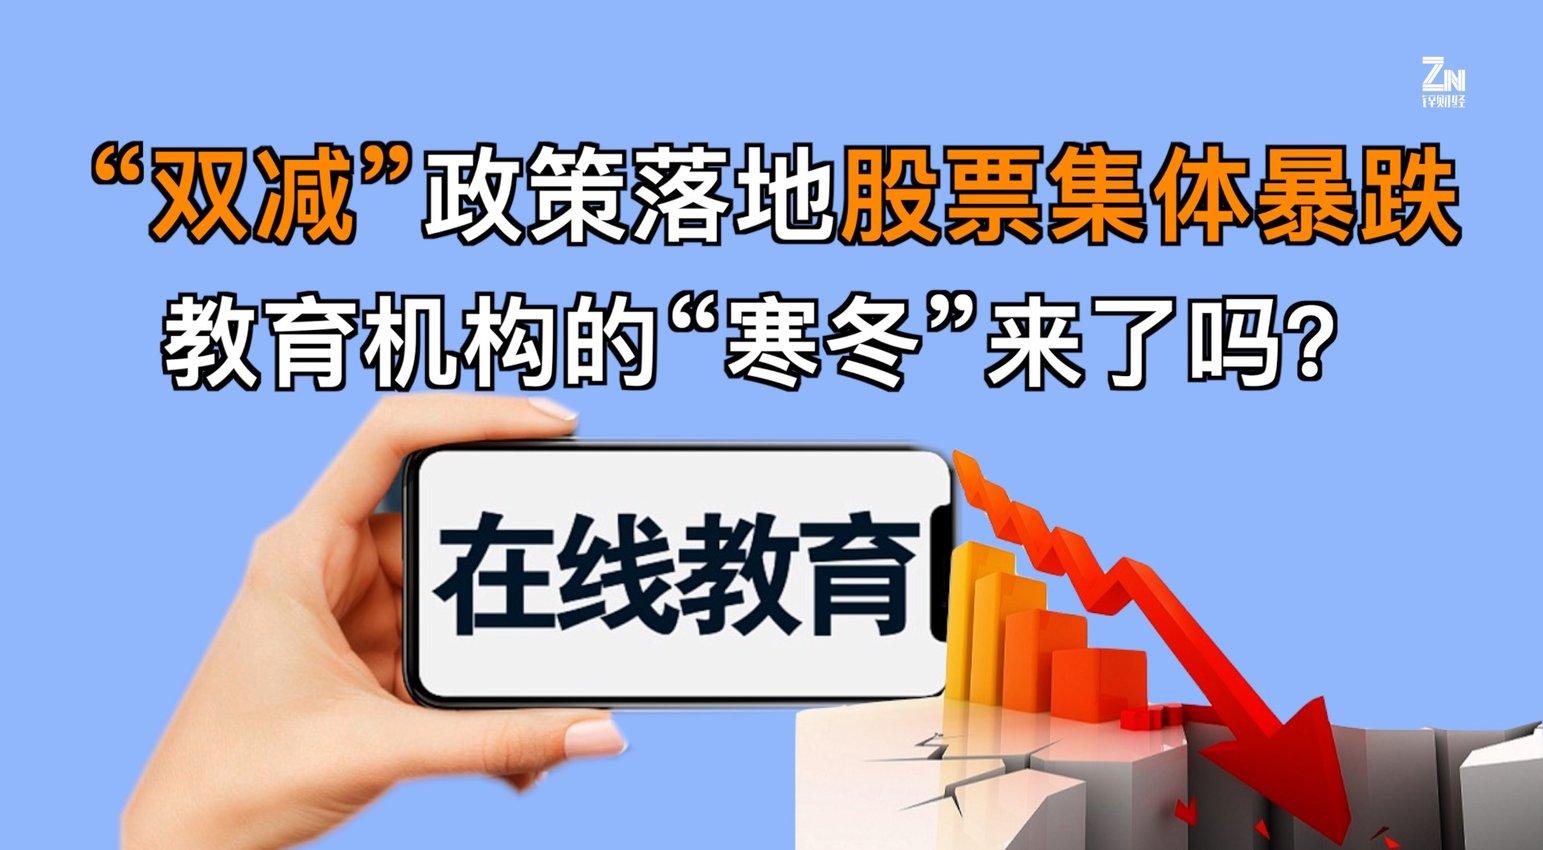 """""""双减""""政策落地,股票集体暴跌,教育机构的""""寒冬""""来了吗?"""